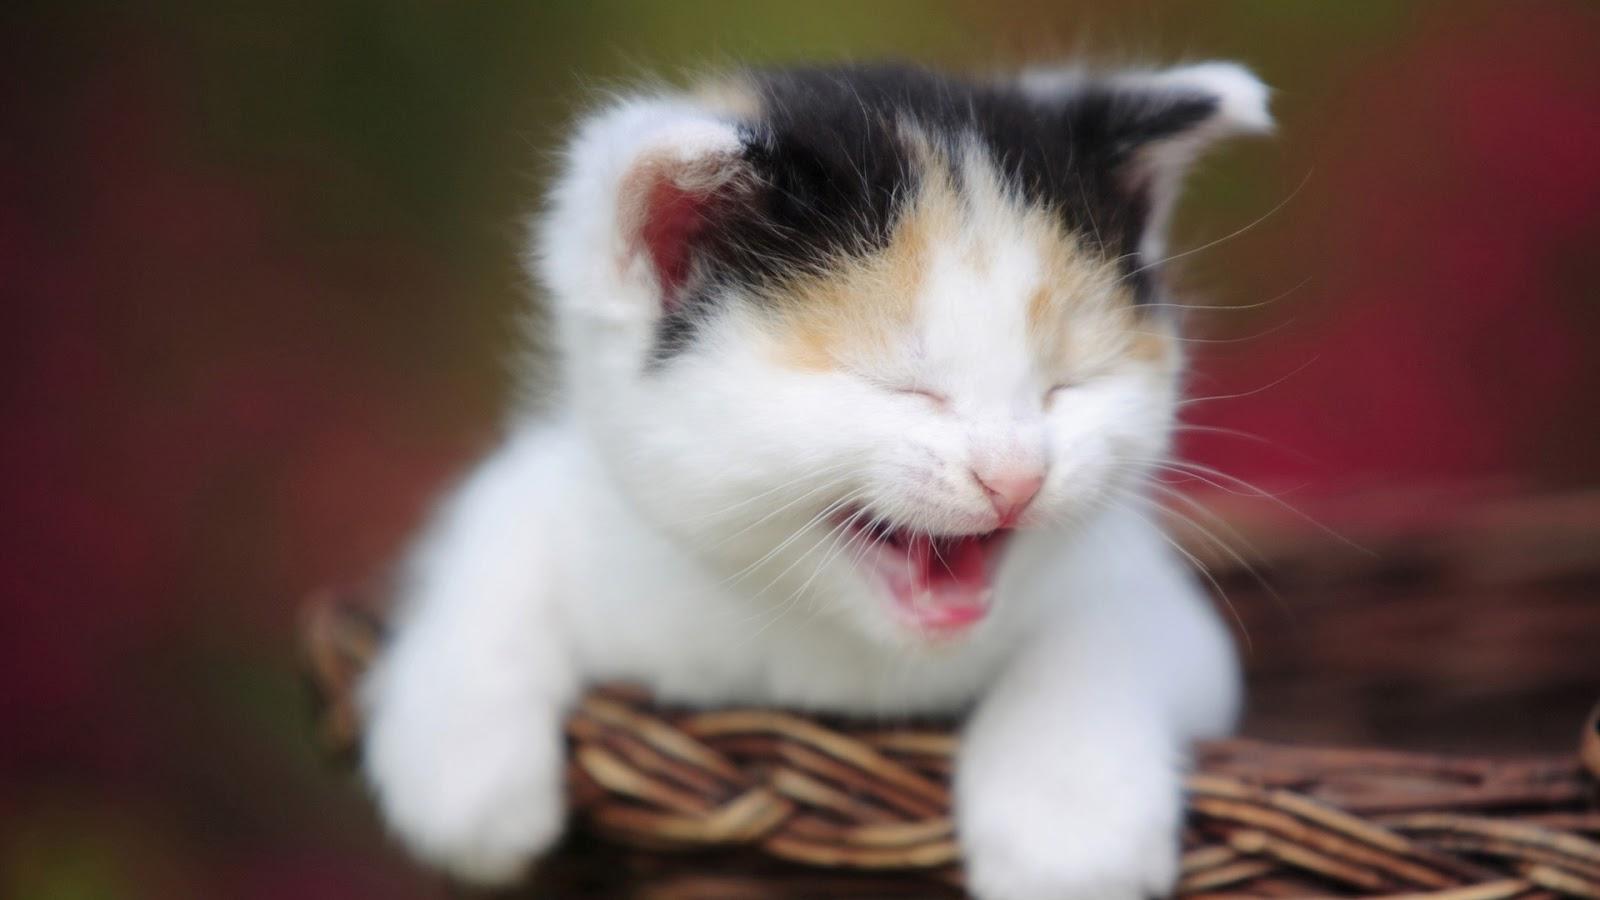 Baby Cat Wallpaper